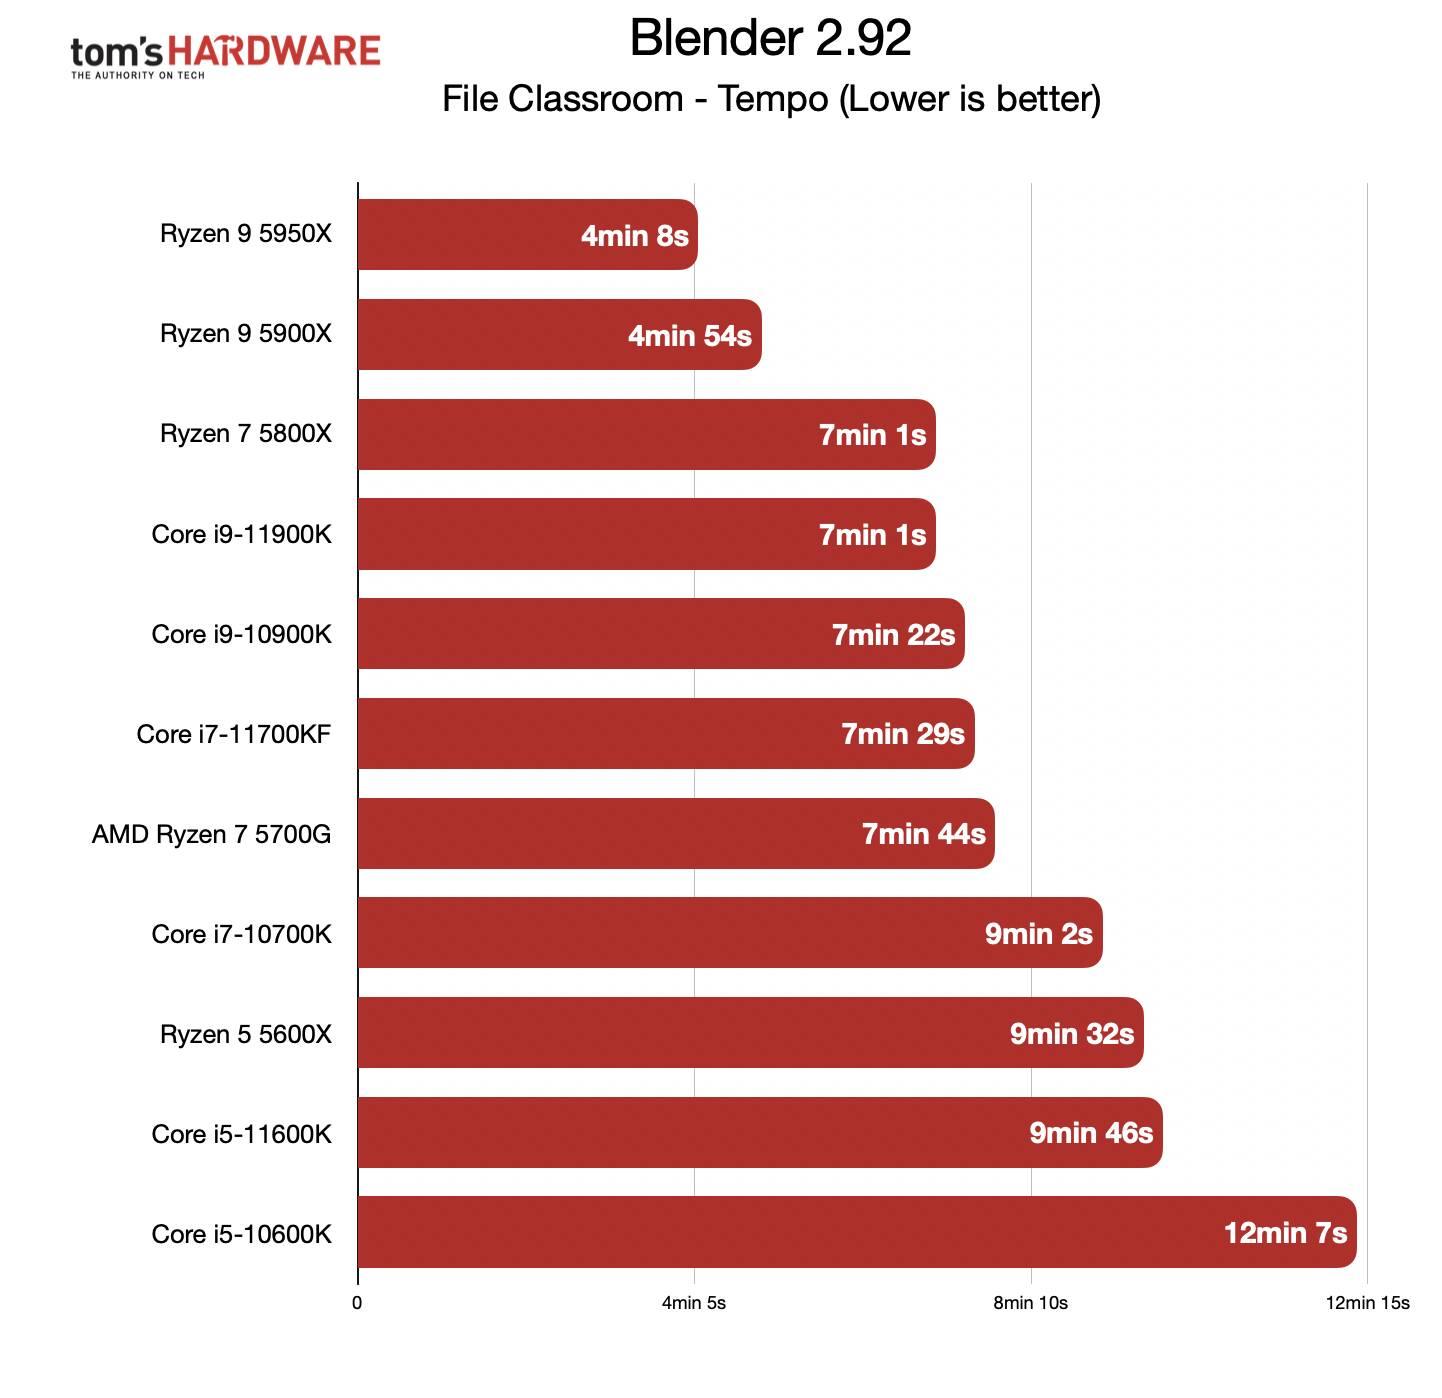 Benchmark Ryzen 7 5700G - Blender